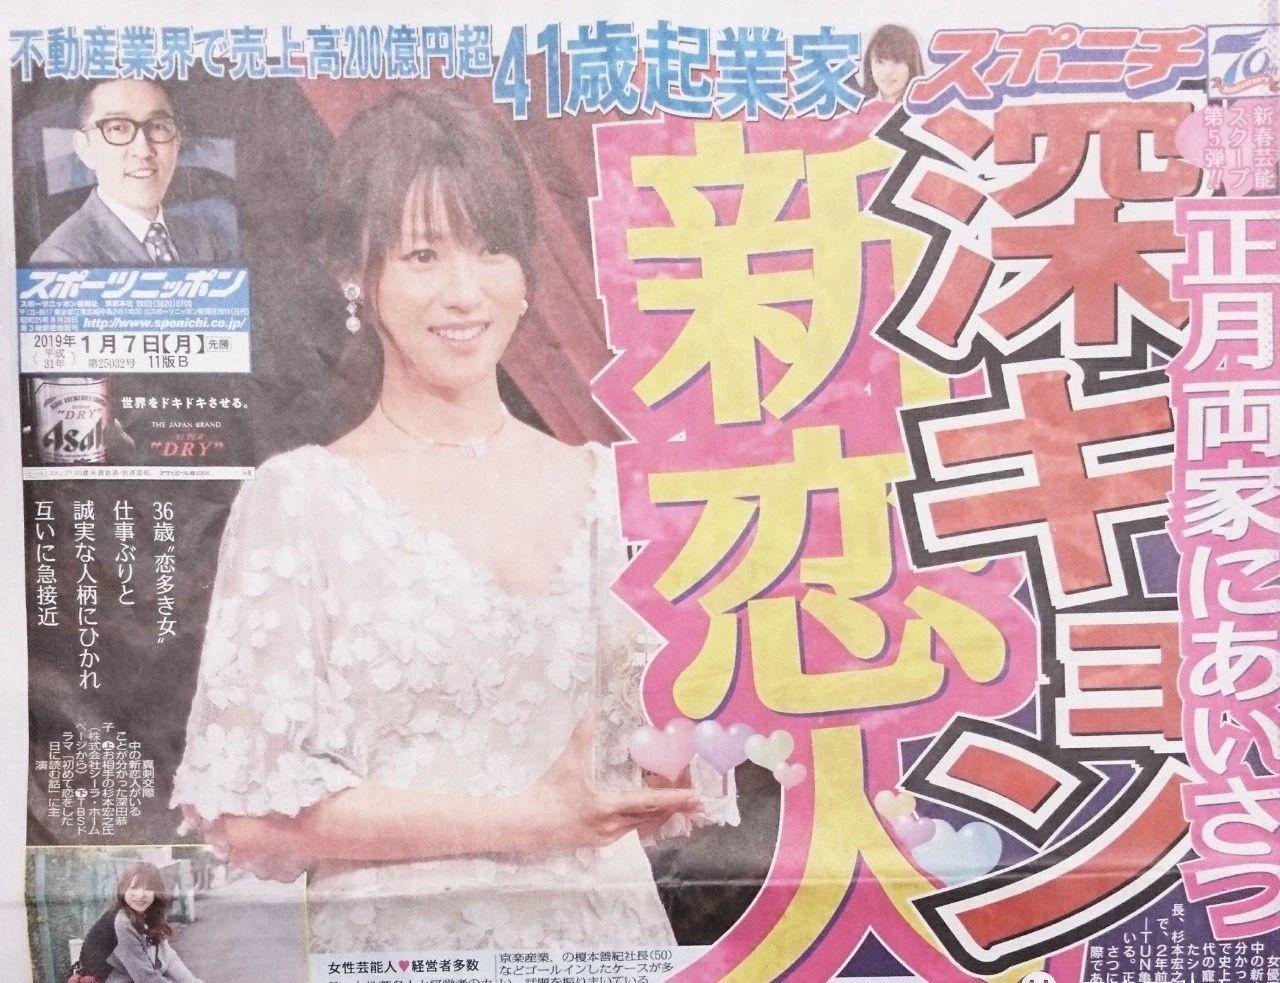 深田恭子的绯闻男友在记者的采访中既没有承认也没有否认恋情 (2)